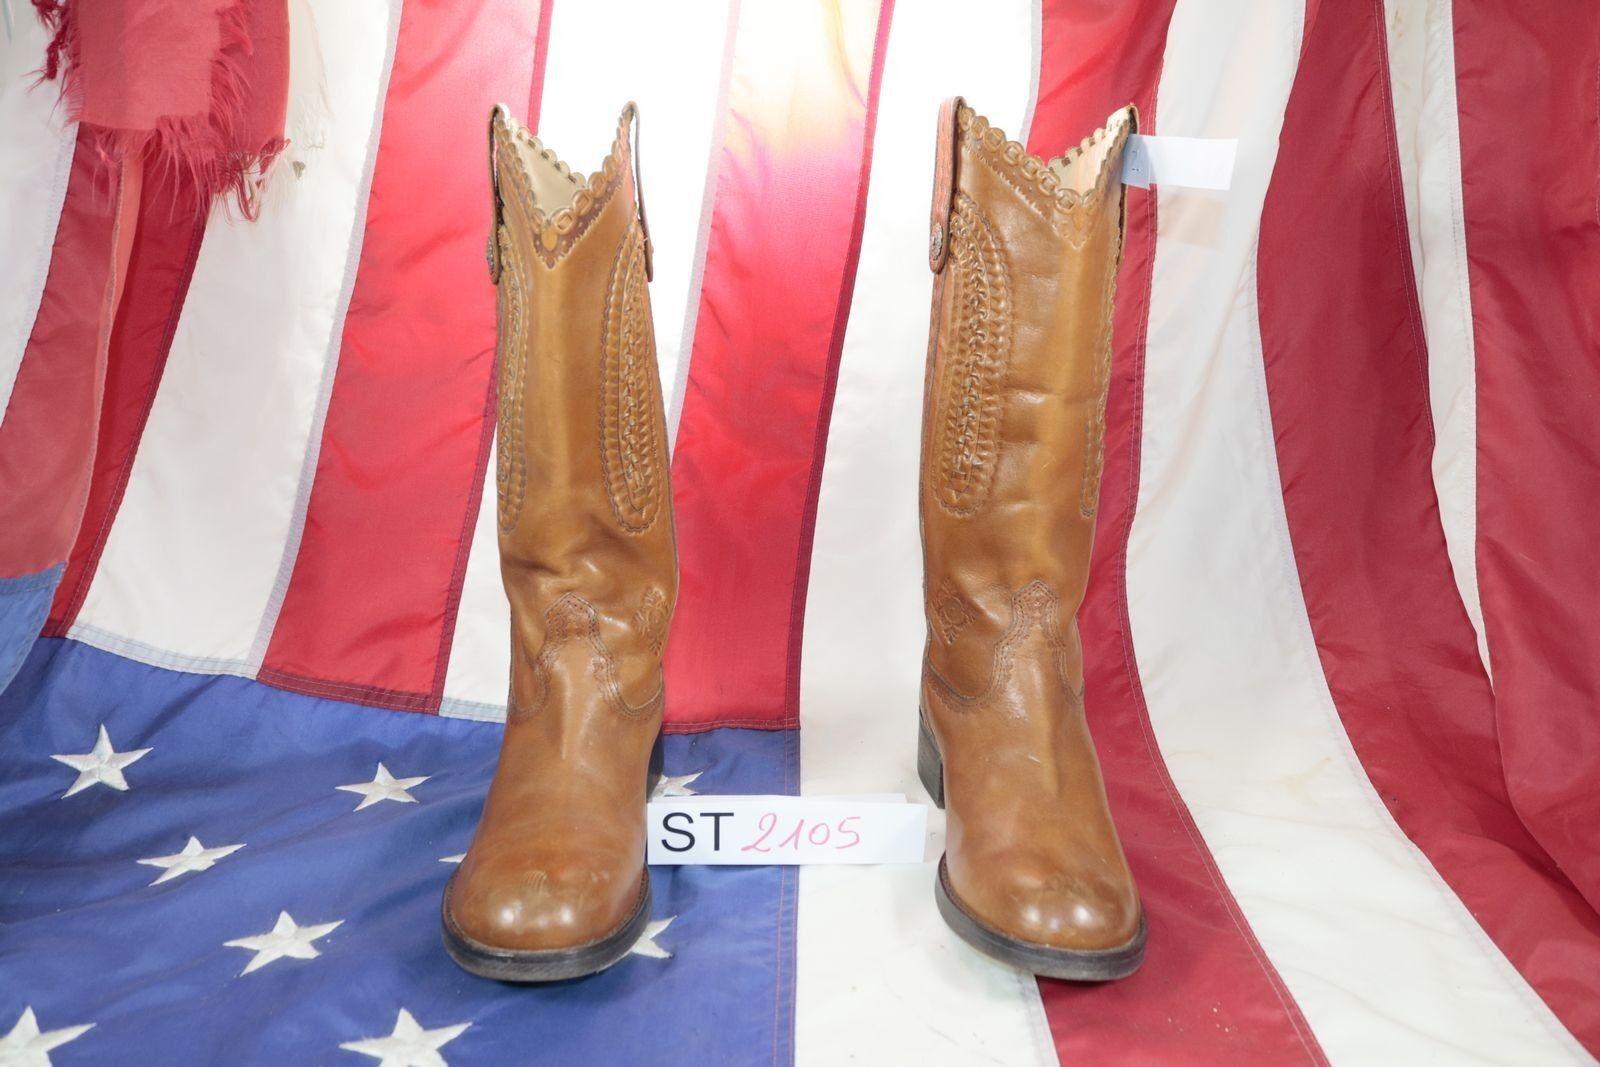 Stiefel Ash ( Cod. St2105) Gebraucht N.39 Frau Braunes Leder Cowboy Texaner